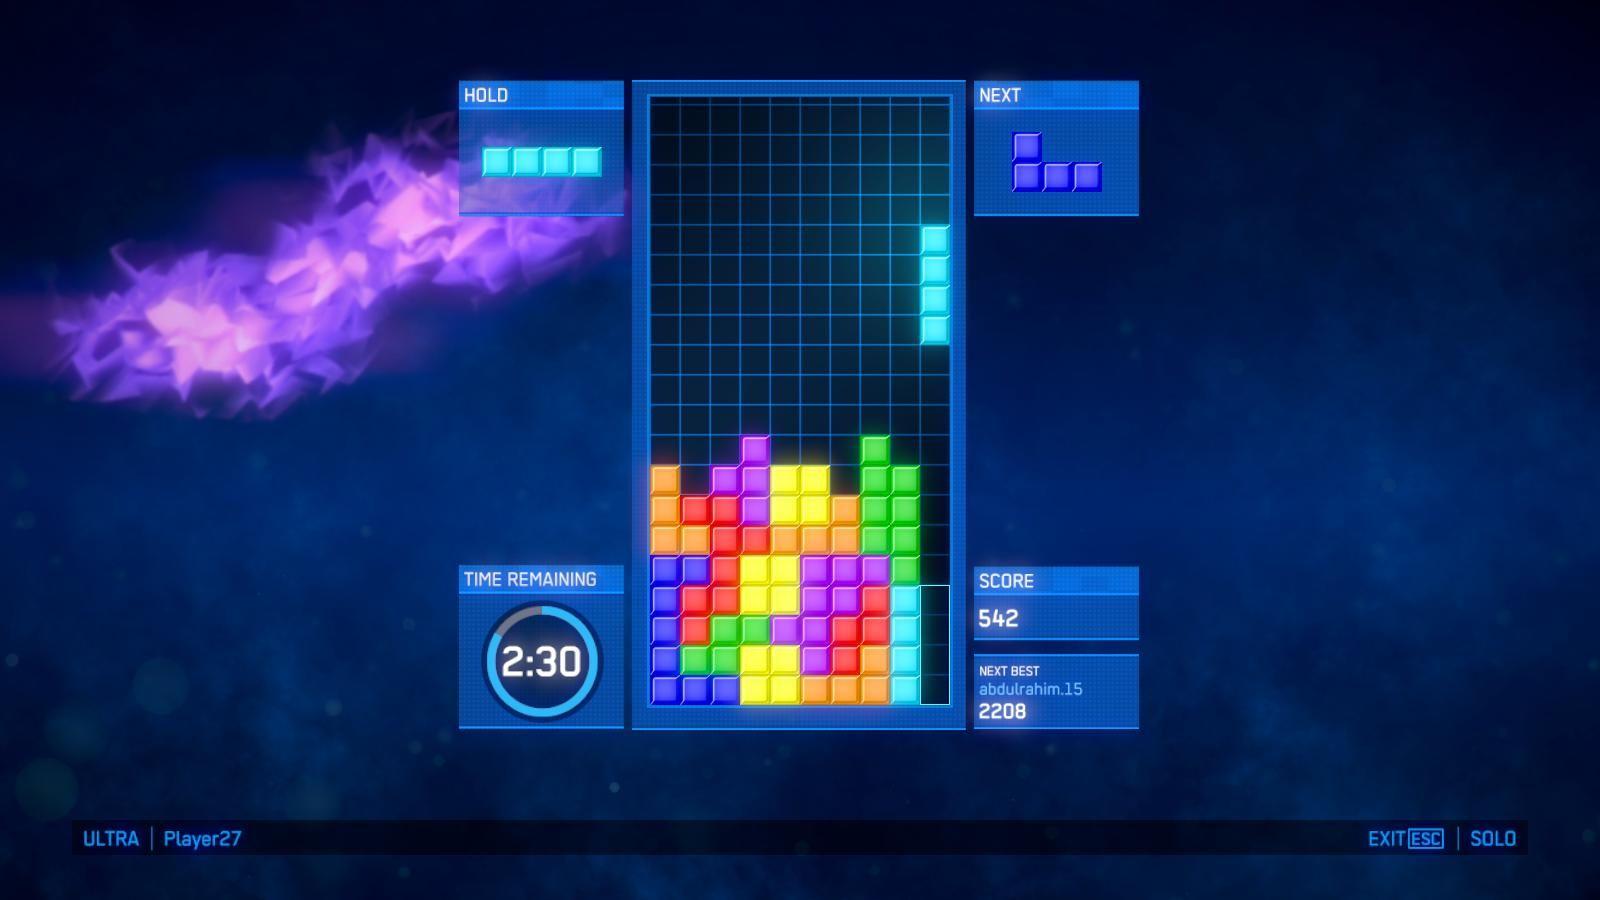 Второй скриншот Tetris: Ultimate для ПК